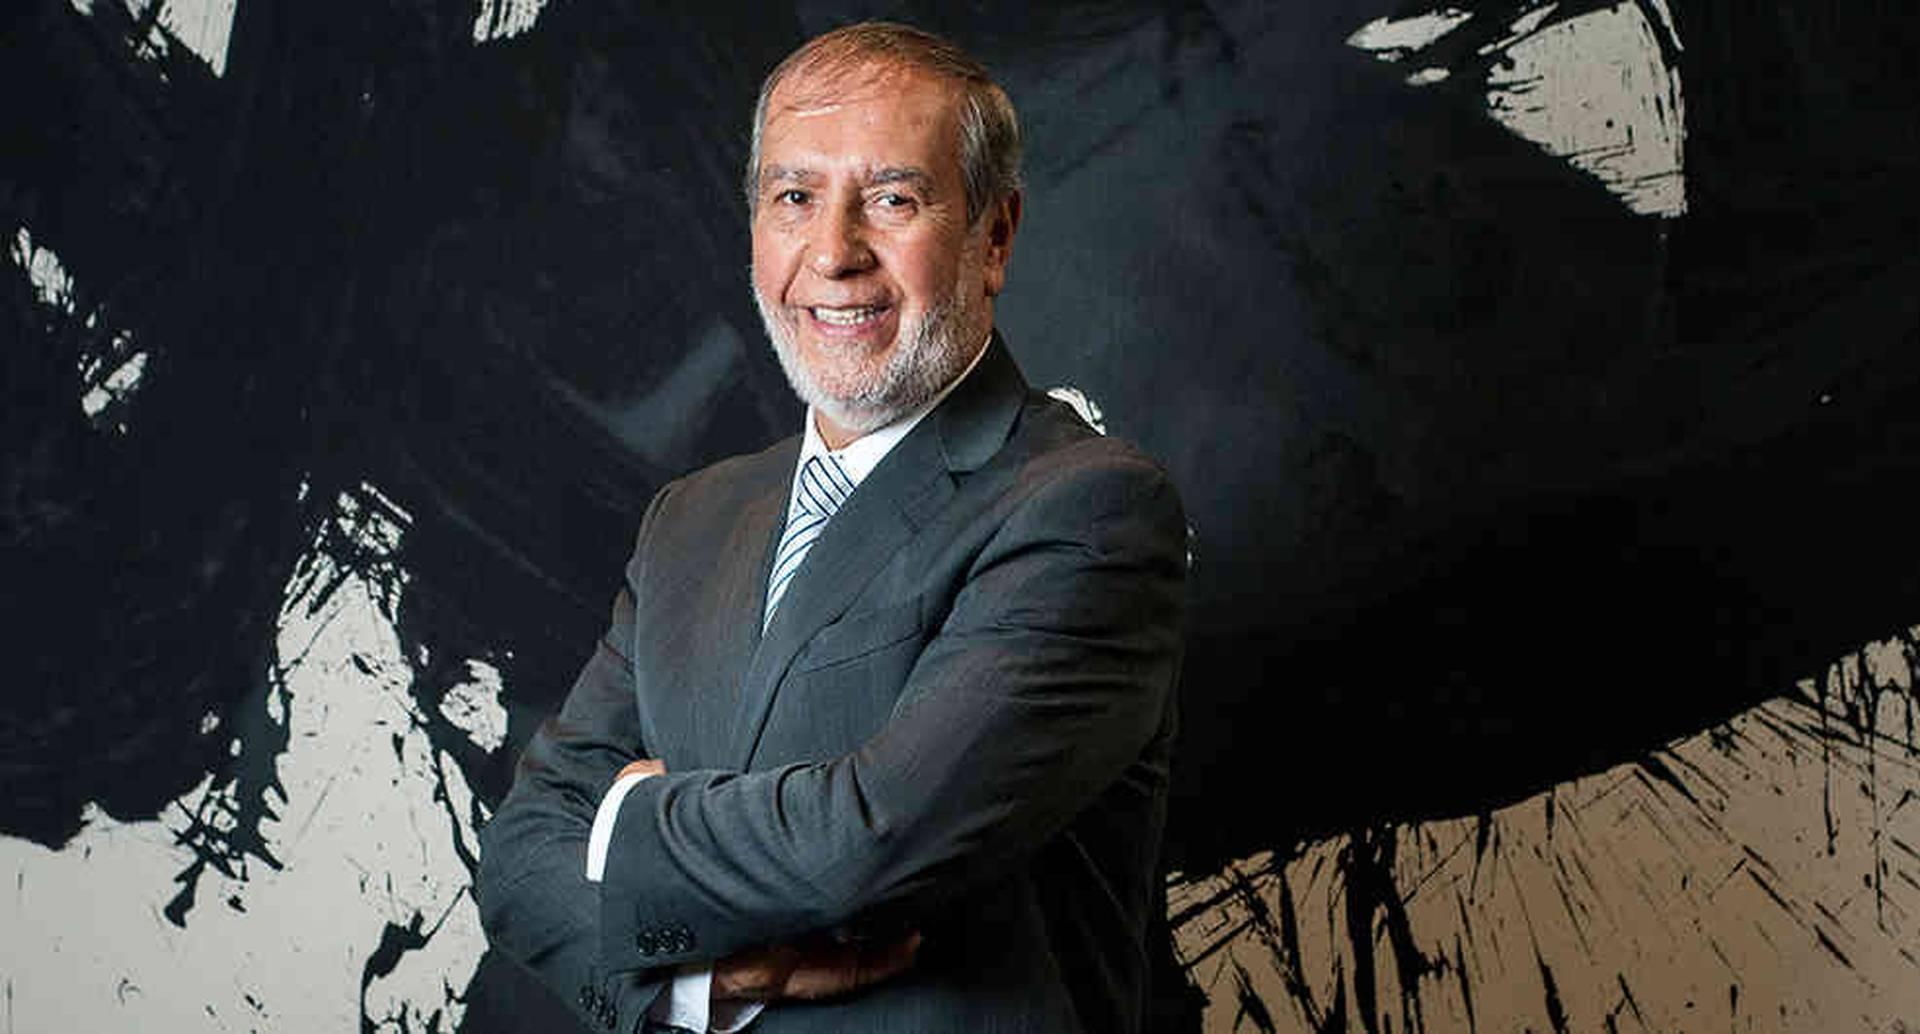 Pedro Vicente Obando, el alcalde de Pasto, fue docente y rector de la Universidad de Nariño.